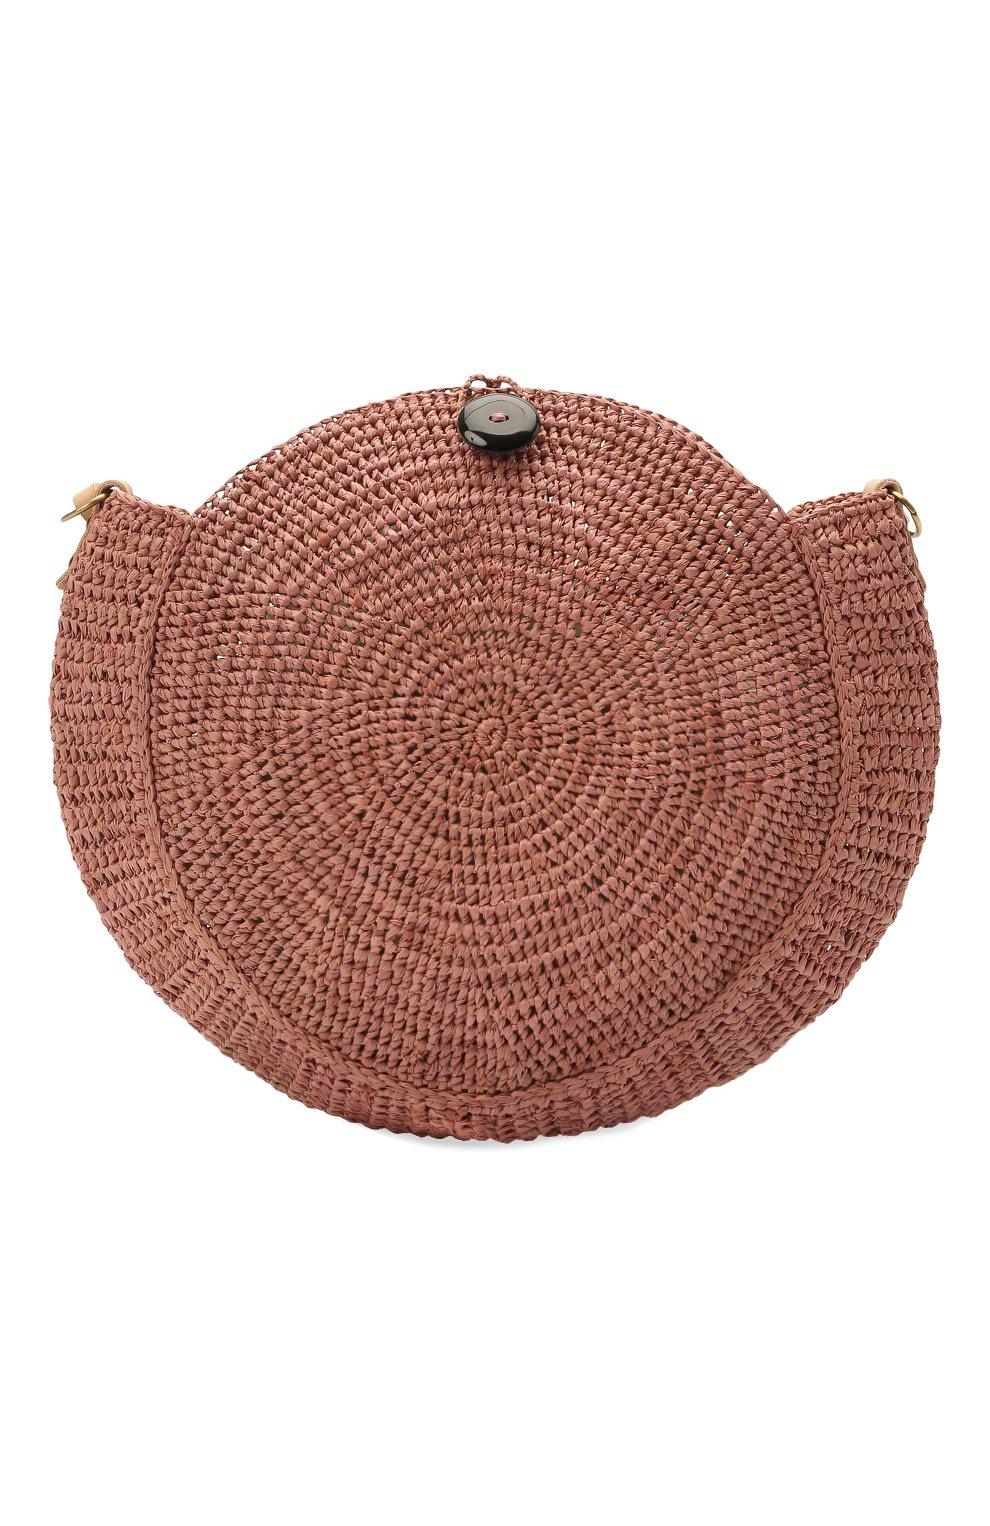 Женская сумка nova small SANS-ARCIDET коричневого цвета, арт. N0VA BAG MA-C S21/XS   Фото 1 (Сумки-технические: Сумки через плечо; Материал: Растительное волокно; Ремень/цепочка: На ремешке; Размер: small)